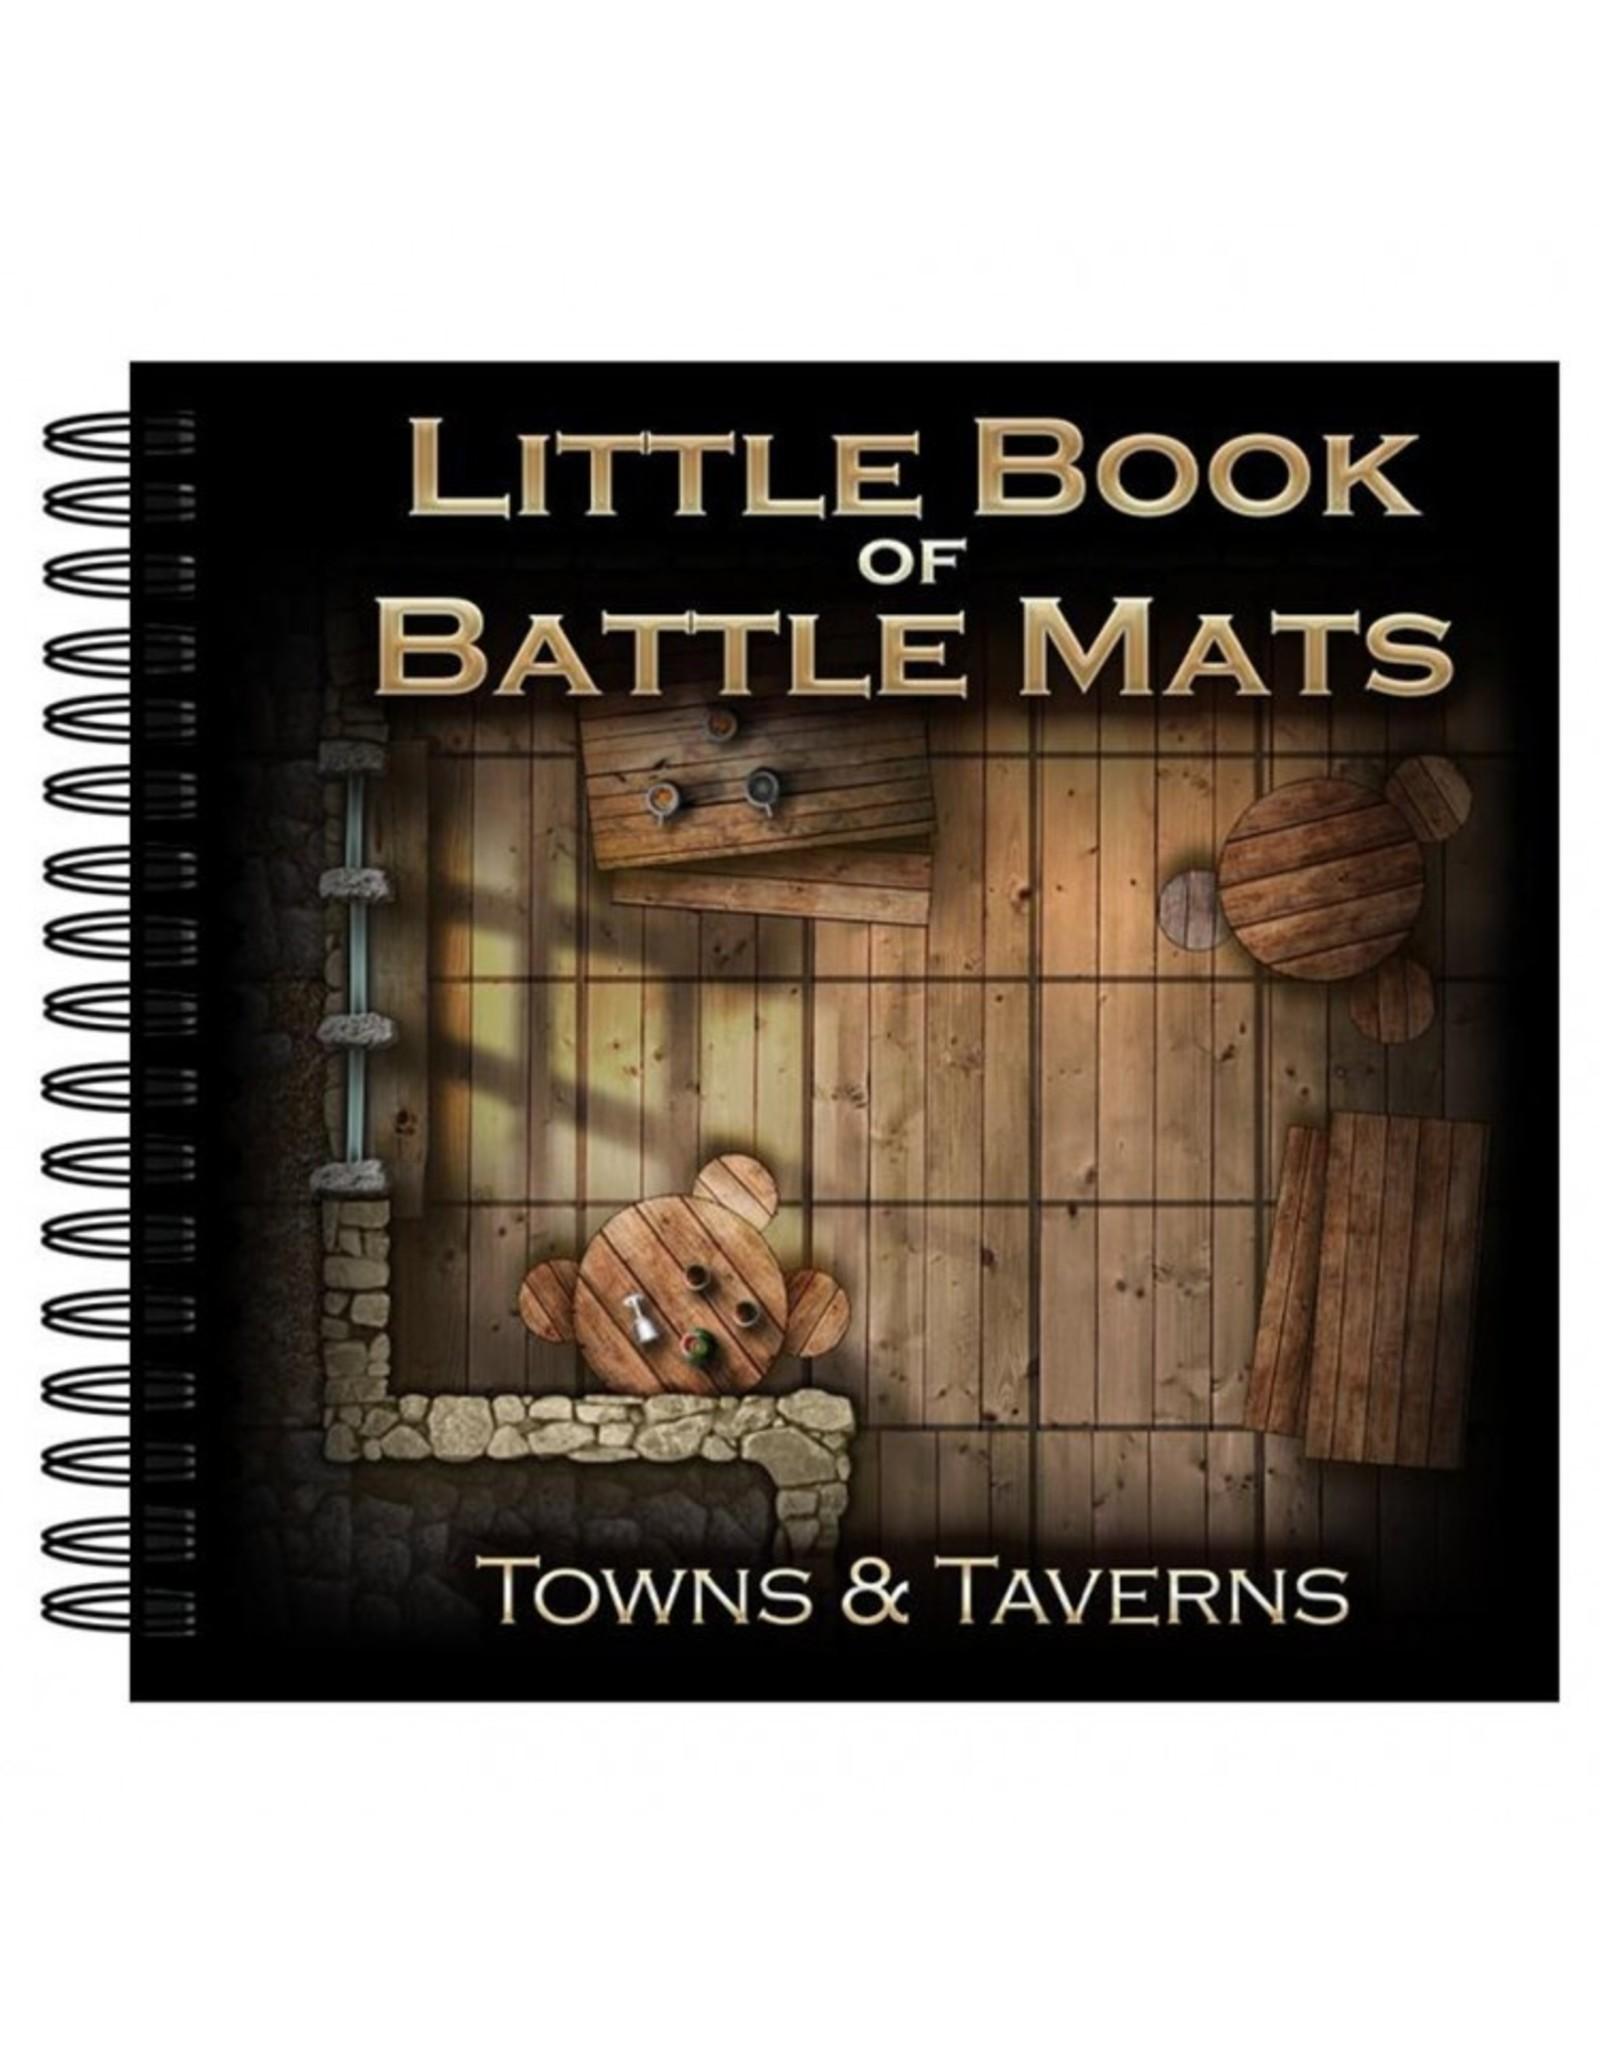 Loke Battlemats Little Book of Battle Mats: Towns & Taverns